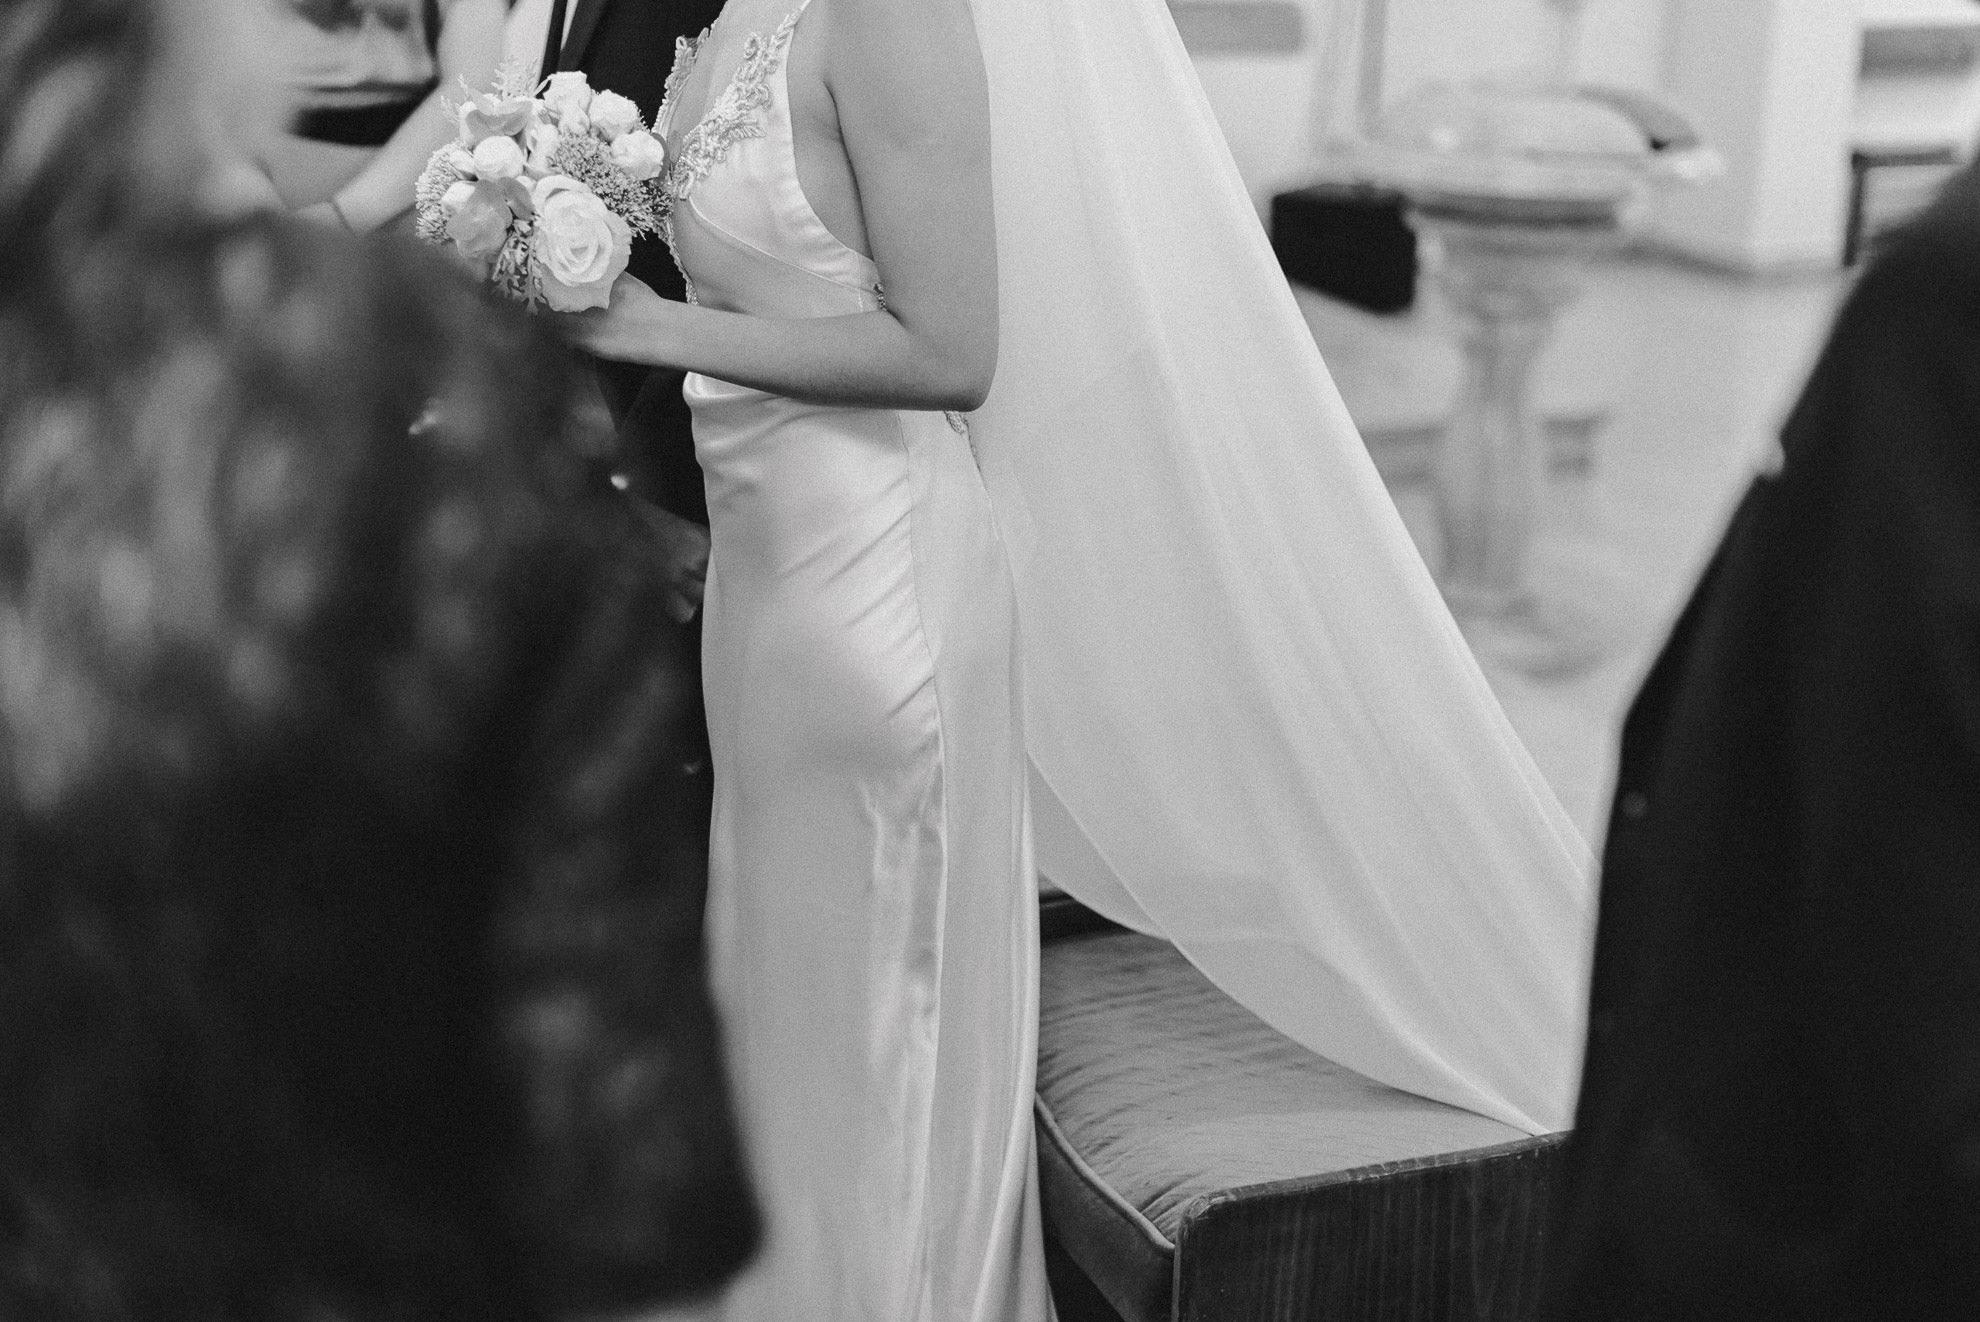 fotografo matrimonio_018.jpg